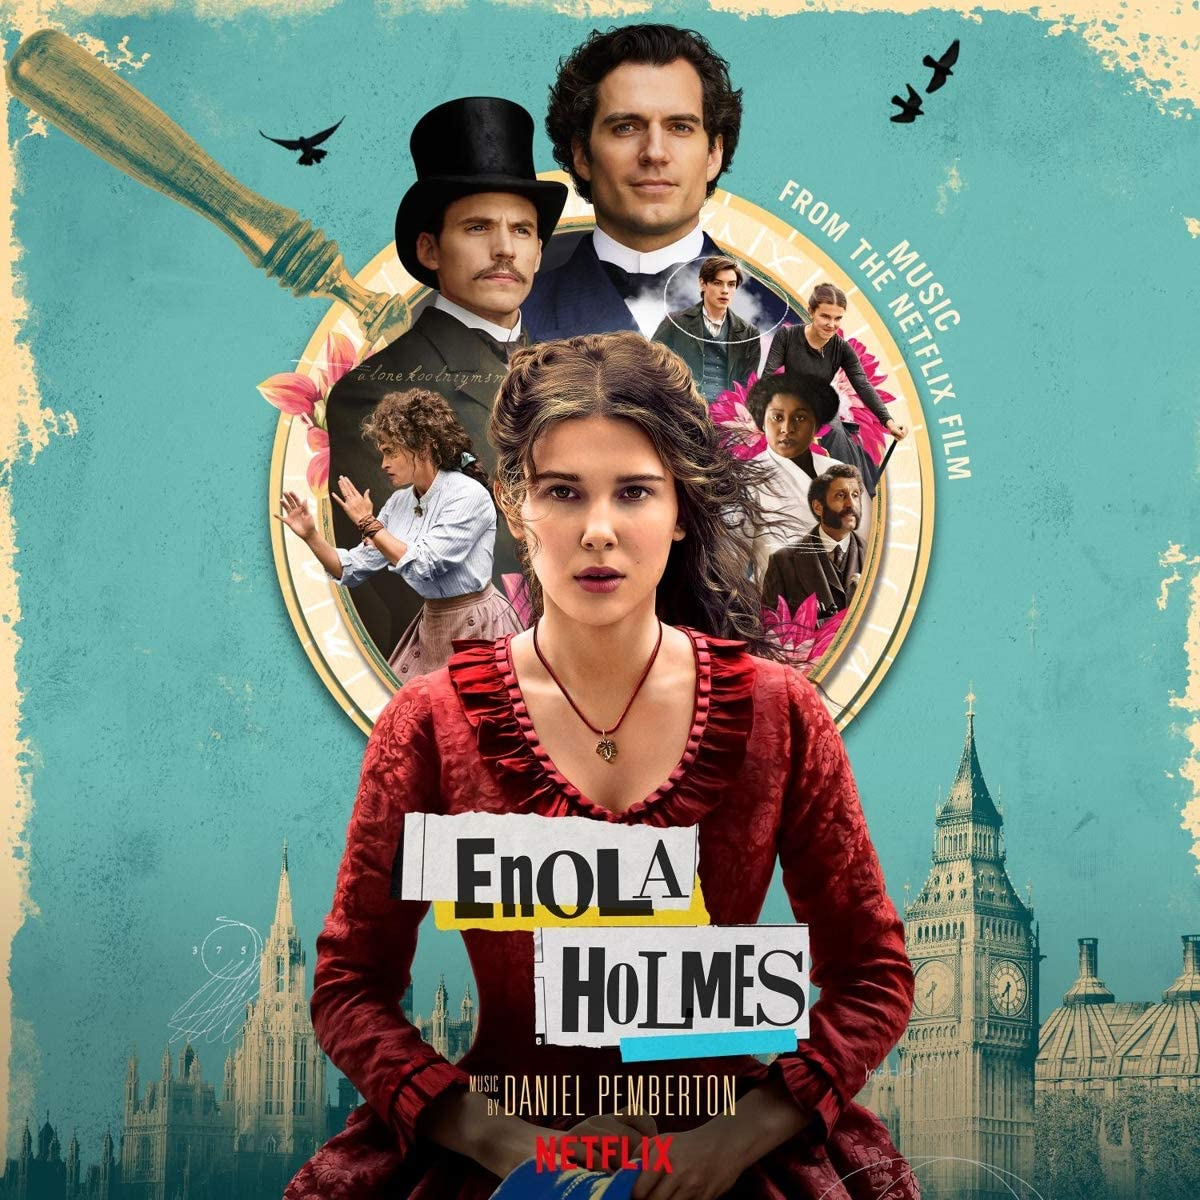 Enola Holmes - Daniel Pemberton